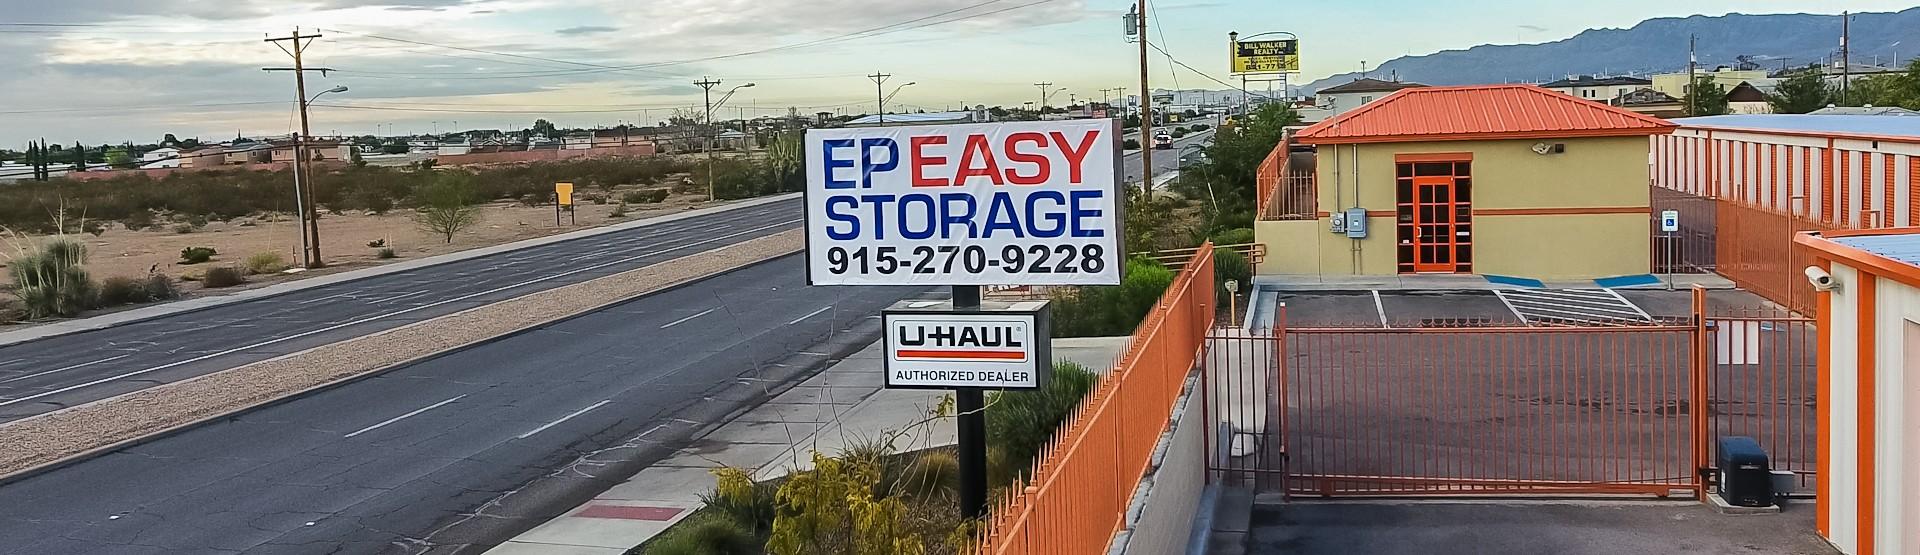 EP Easy Storage